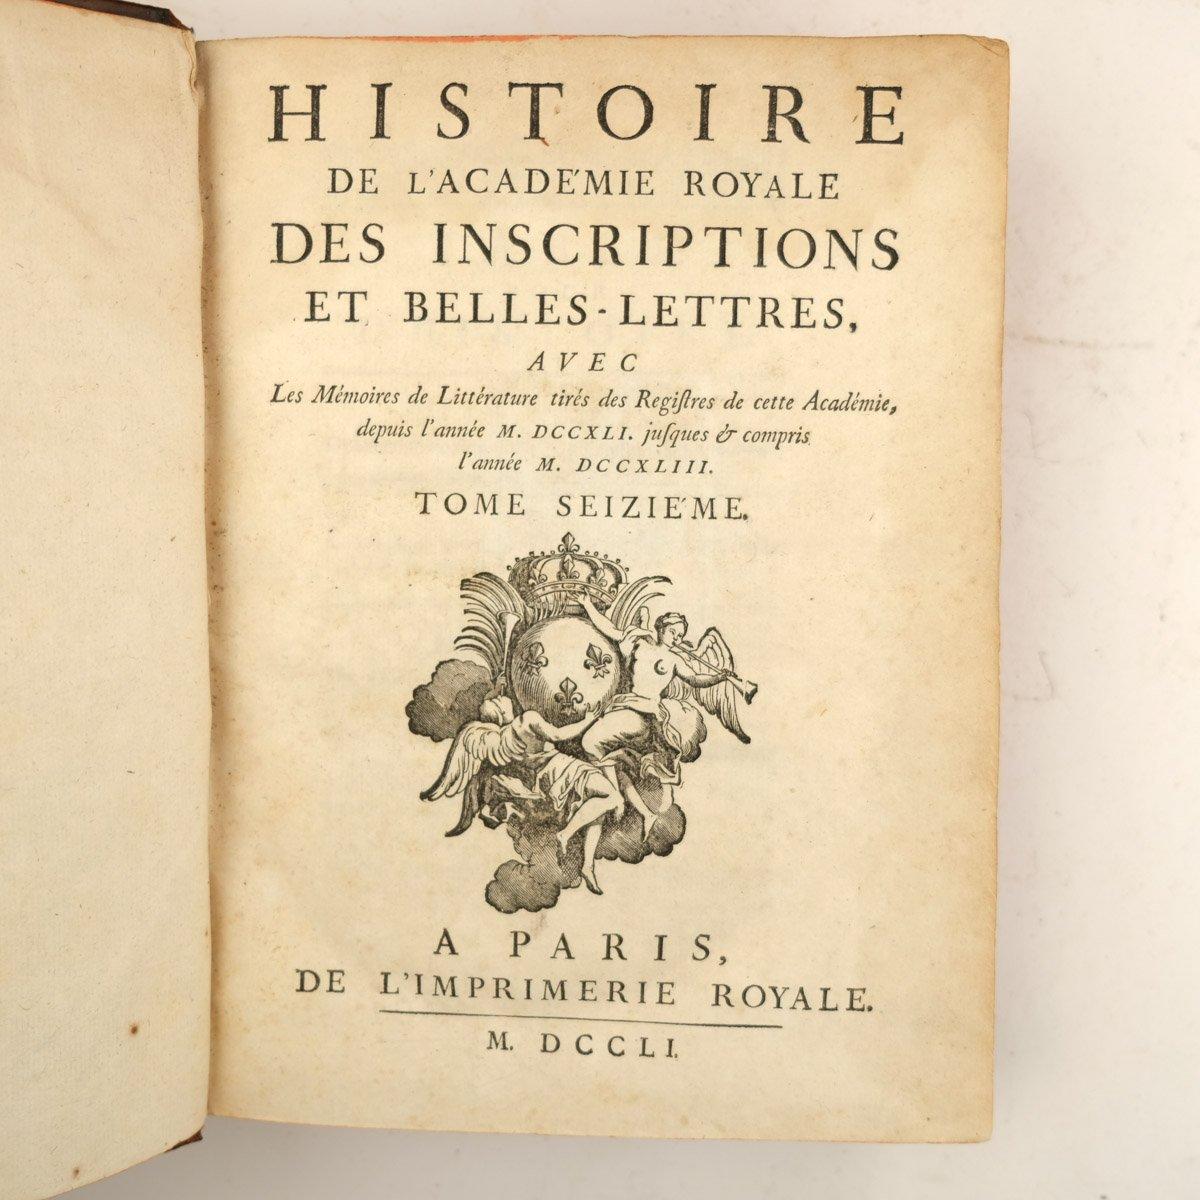 Histoire de l'Académie Royale des Inscriptions et Belles-Lettres